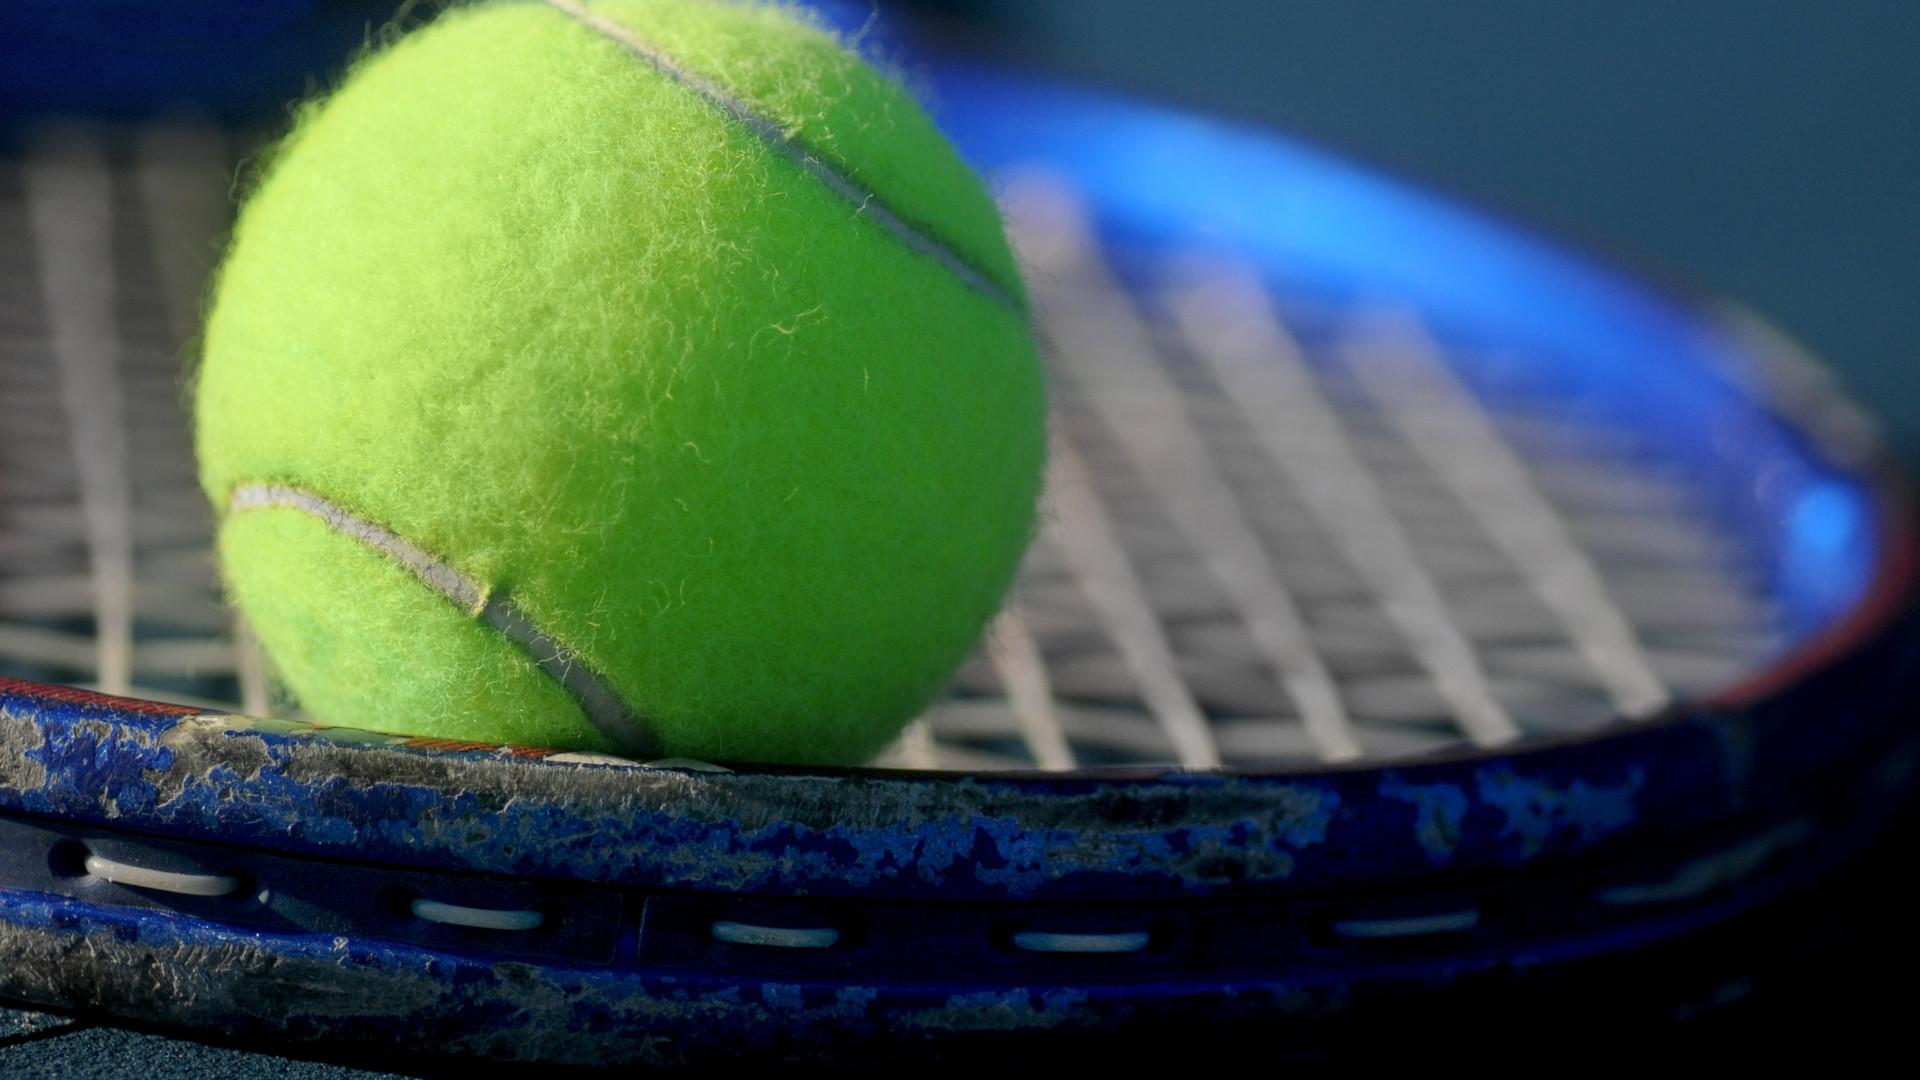 Al via la 3° edizione dei corsi di Tennis e Padel a Porto Cervo